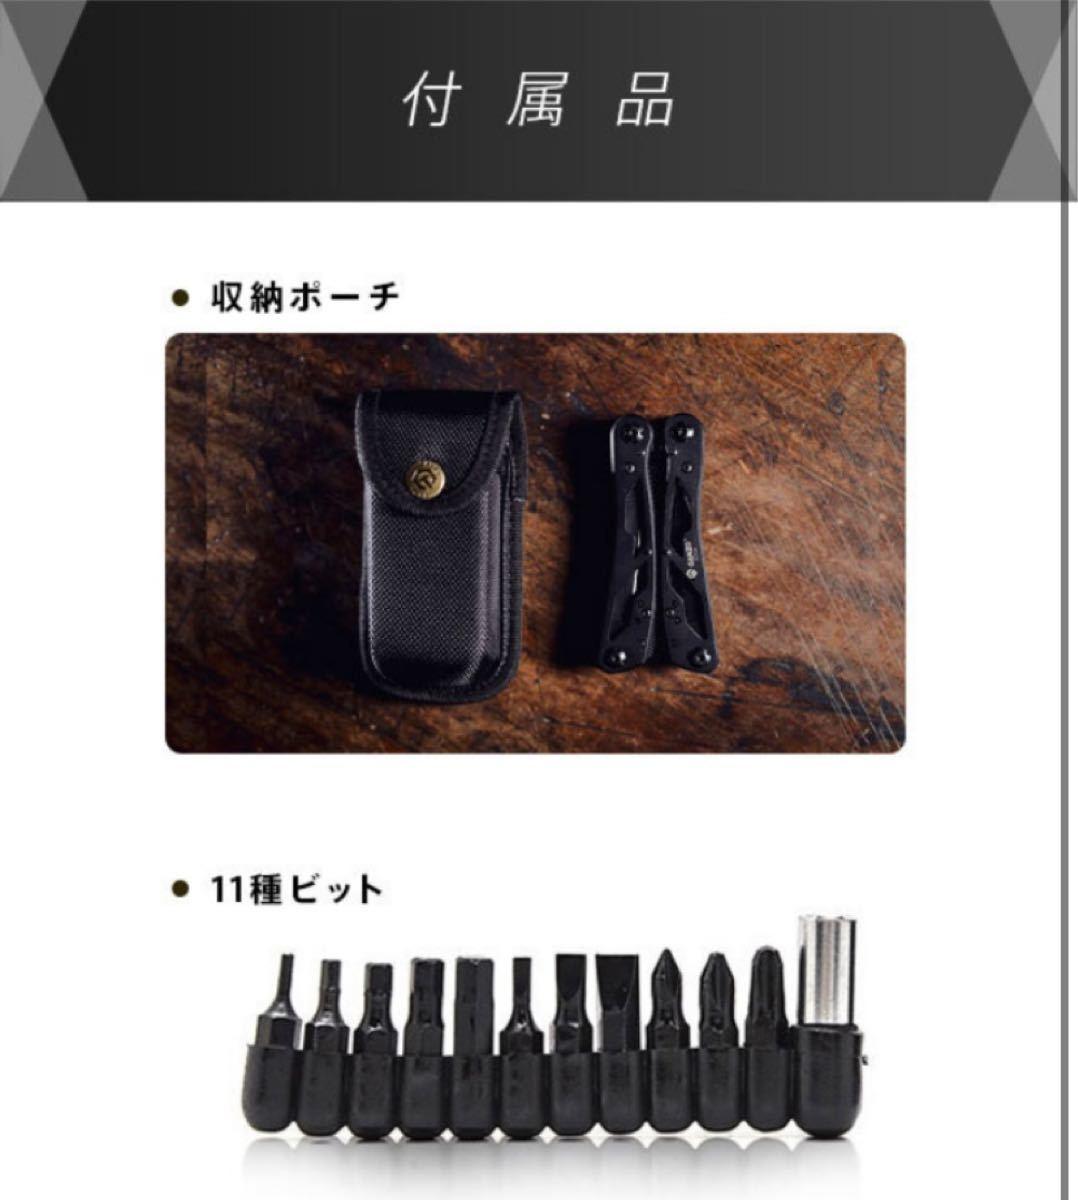 【キャンプ・DIY用具を全部ポケットに】荷物最小で楽しむ12in1マルチツール